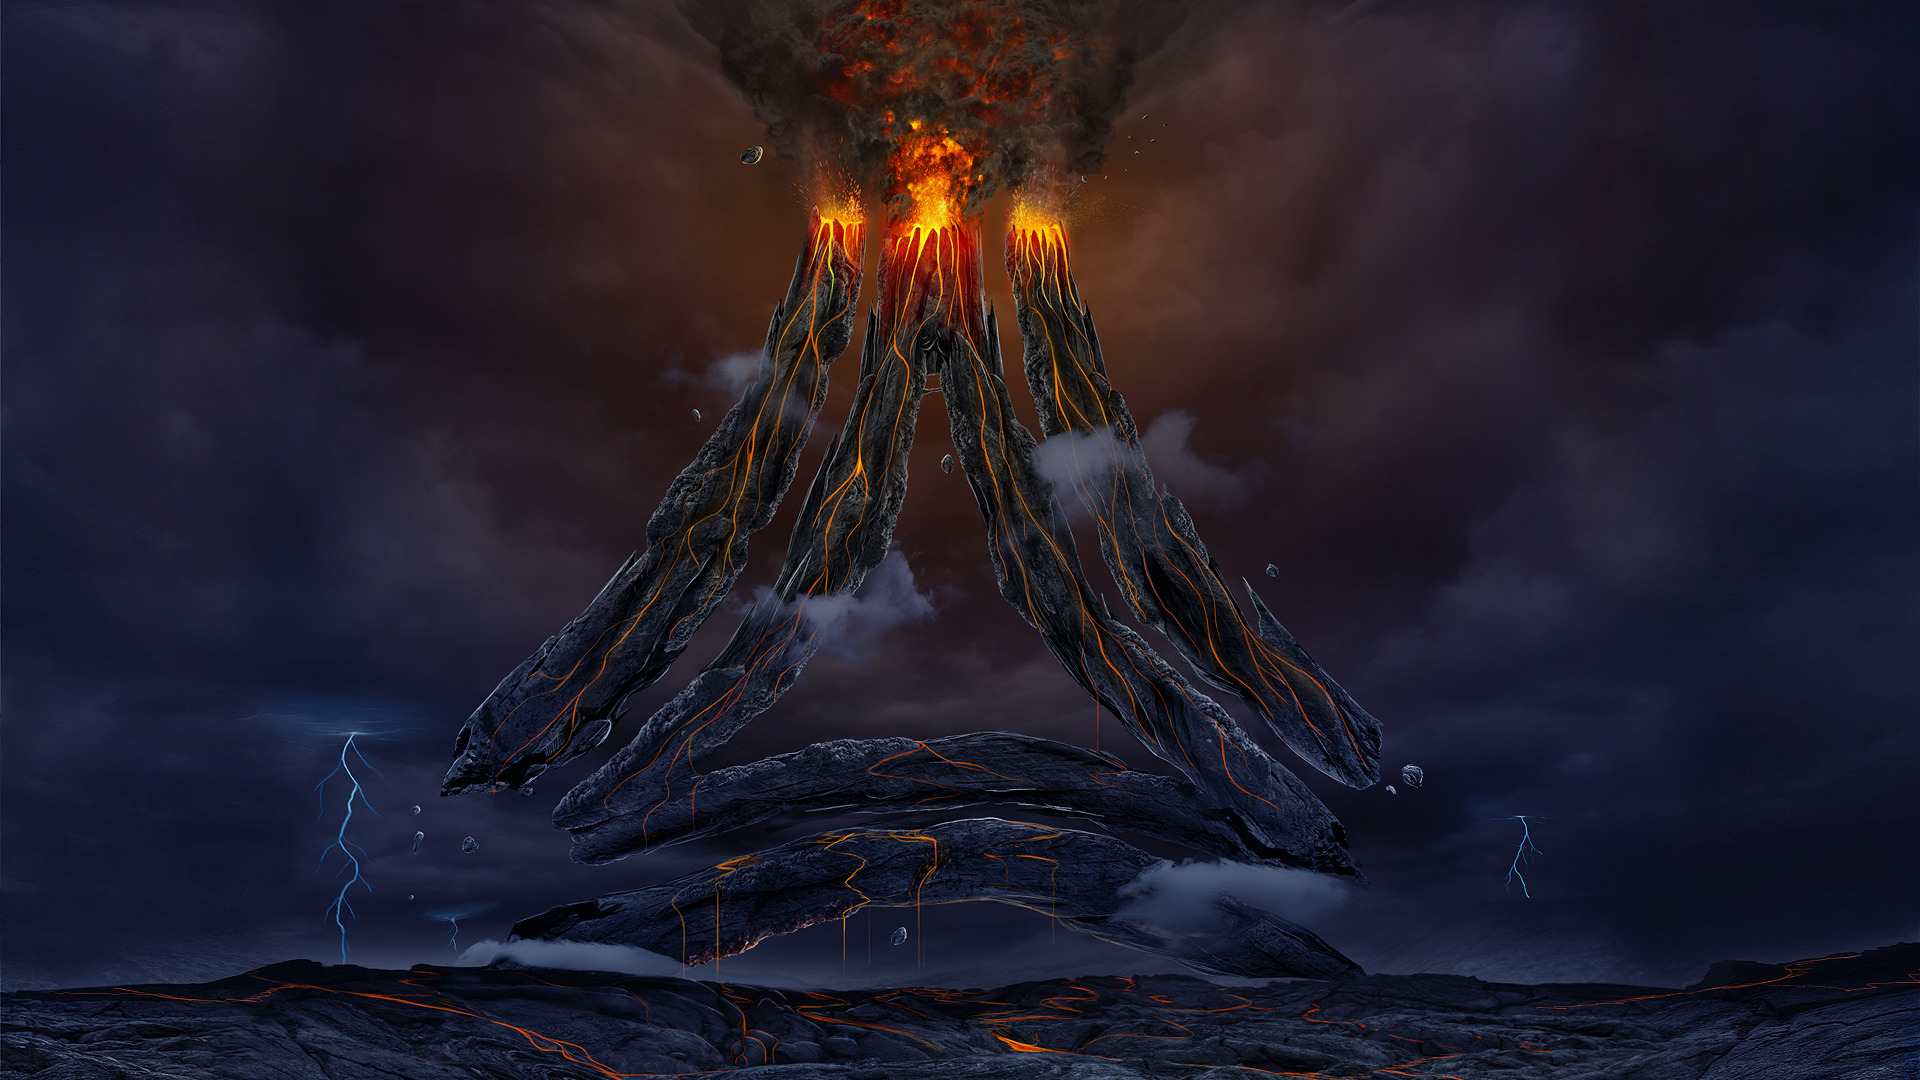 Volcano Wallpapers Hd: Volcano Wallpaper Widescreen